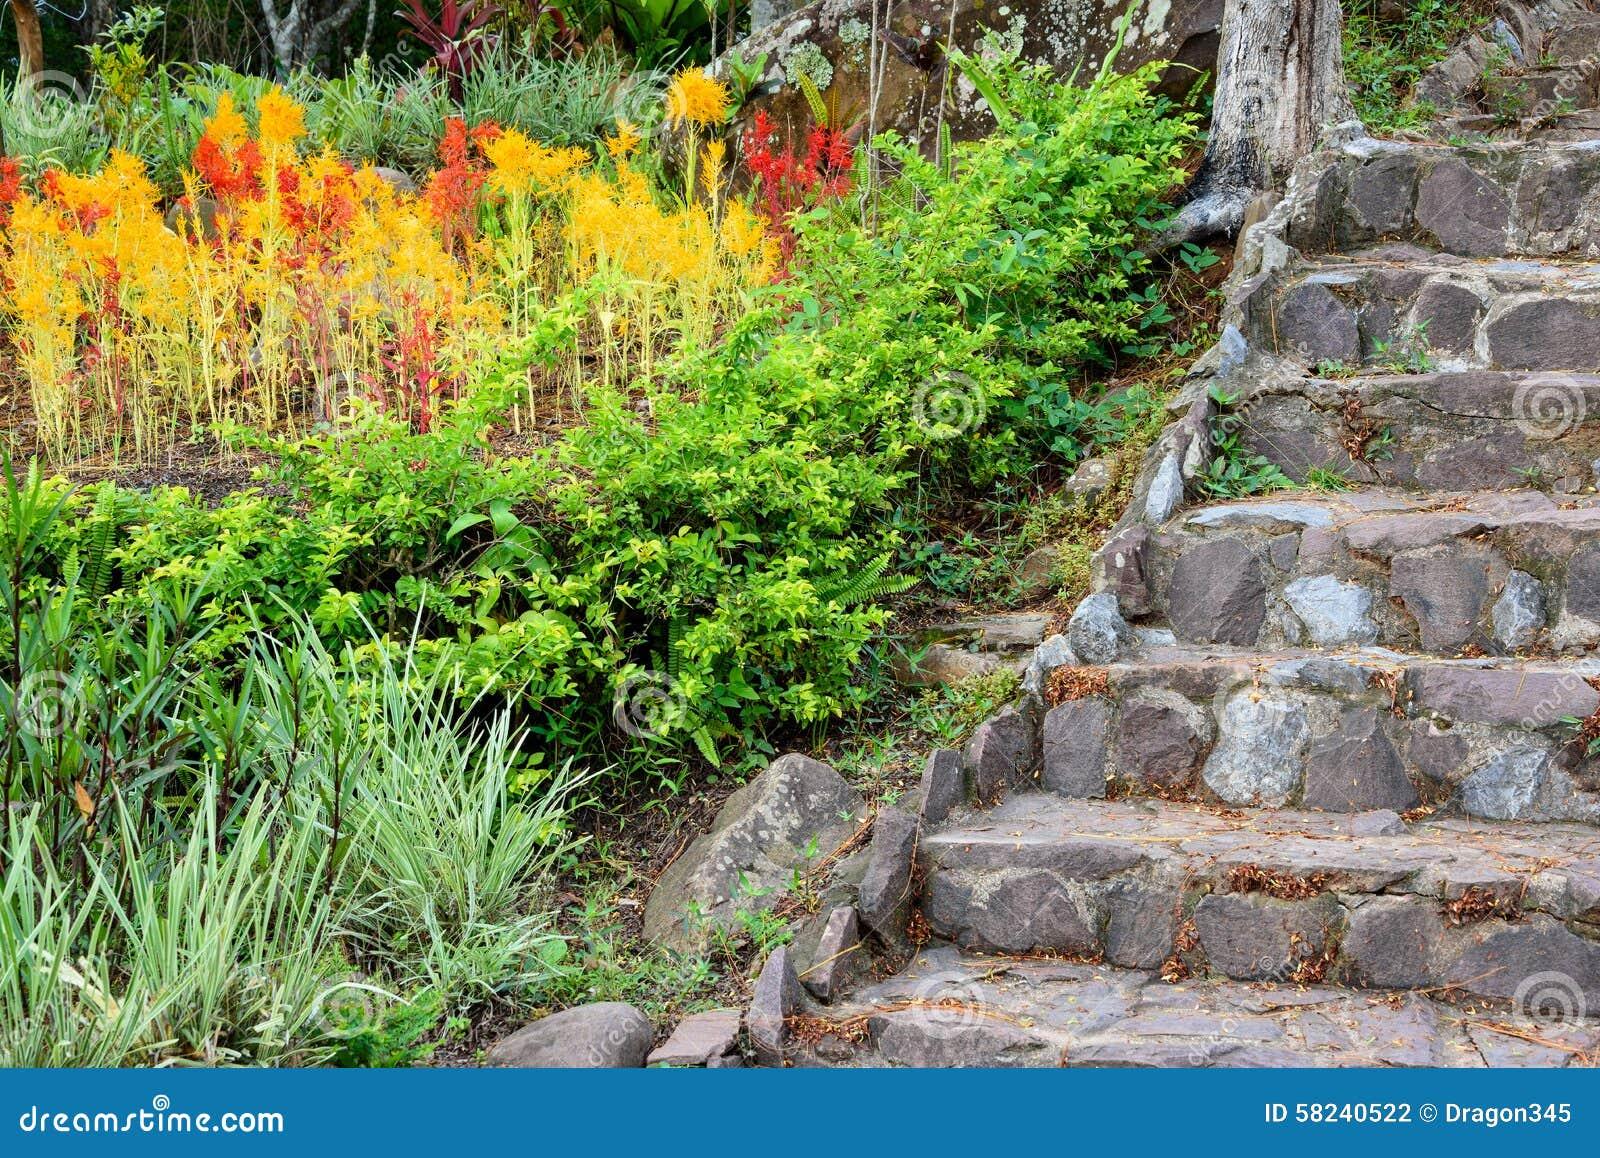 Vieil Escalier En Pierre Dans Le Jardin Coloré Photo stock - Image ...